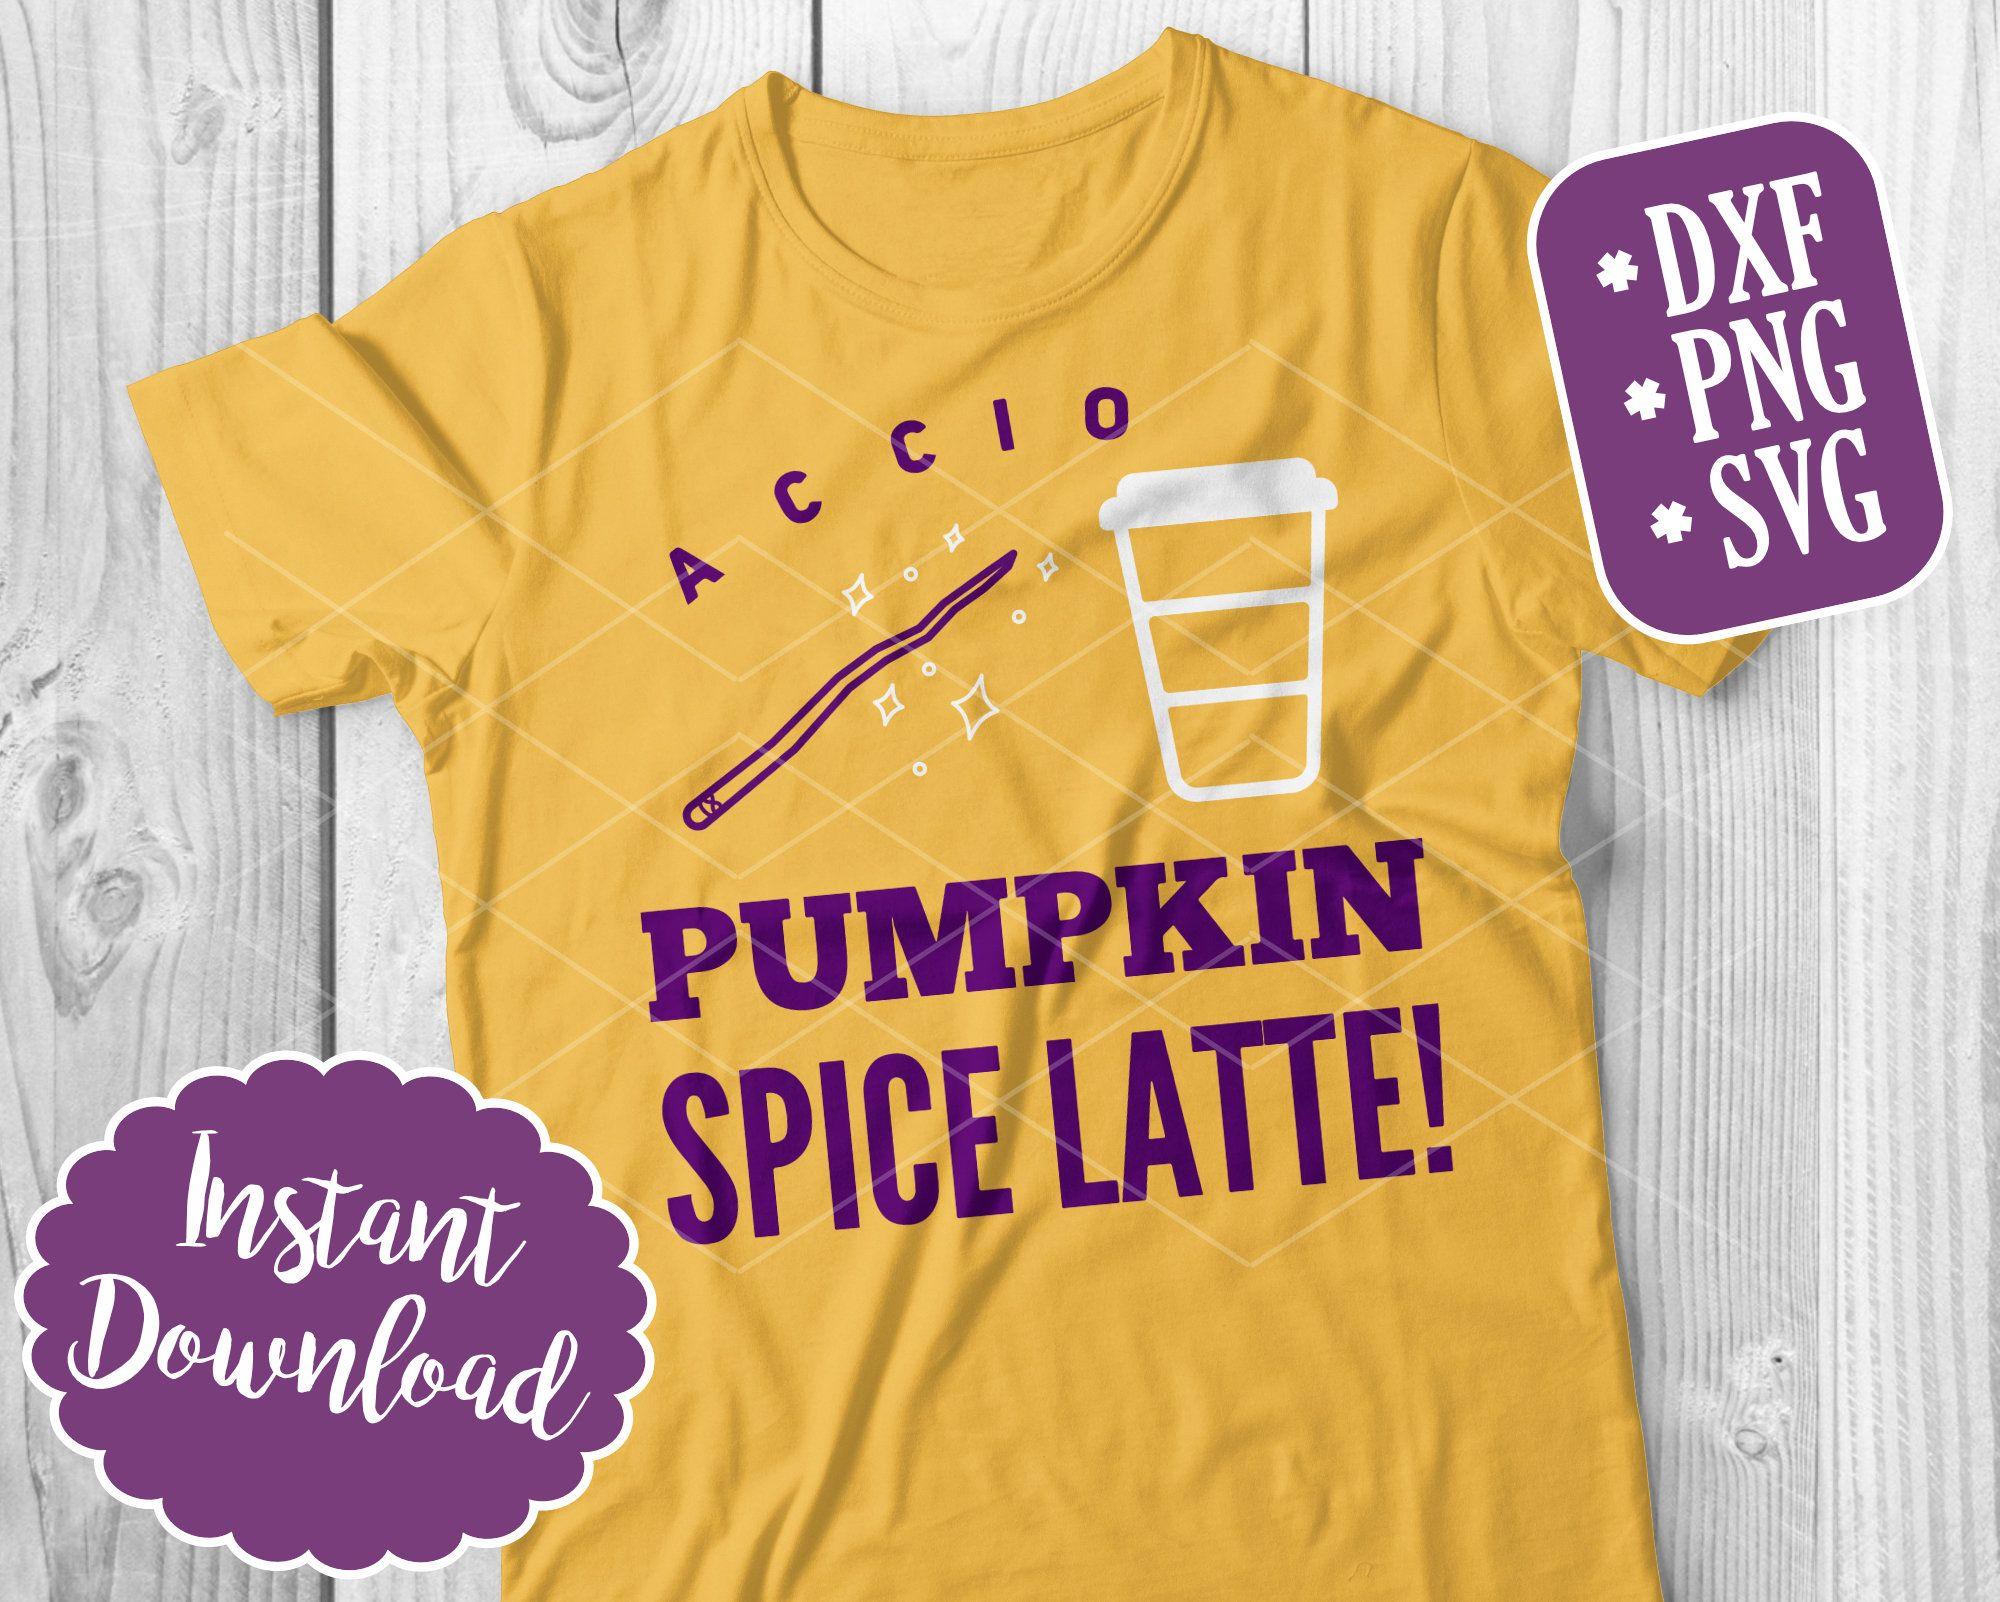 Accio Pumpkin Spice Latte! Pumpkin Spice SVG Files for